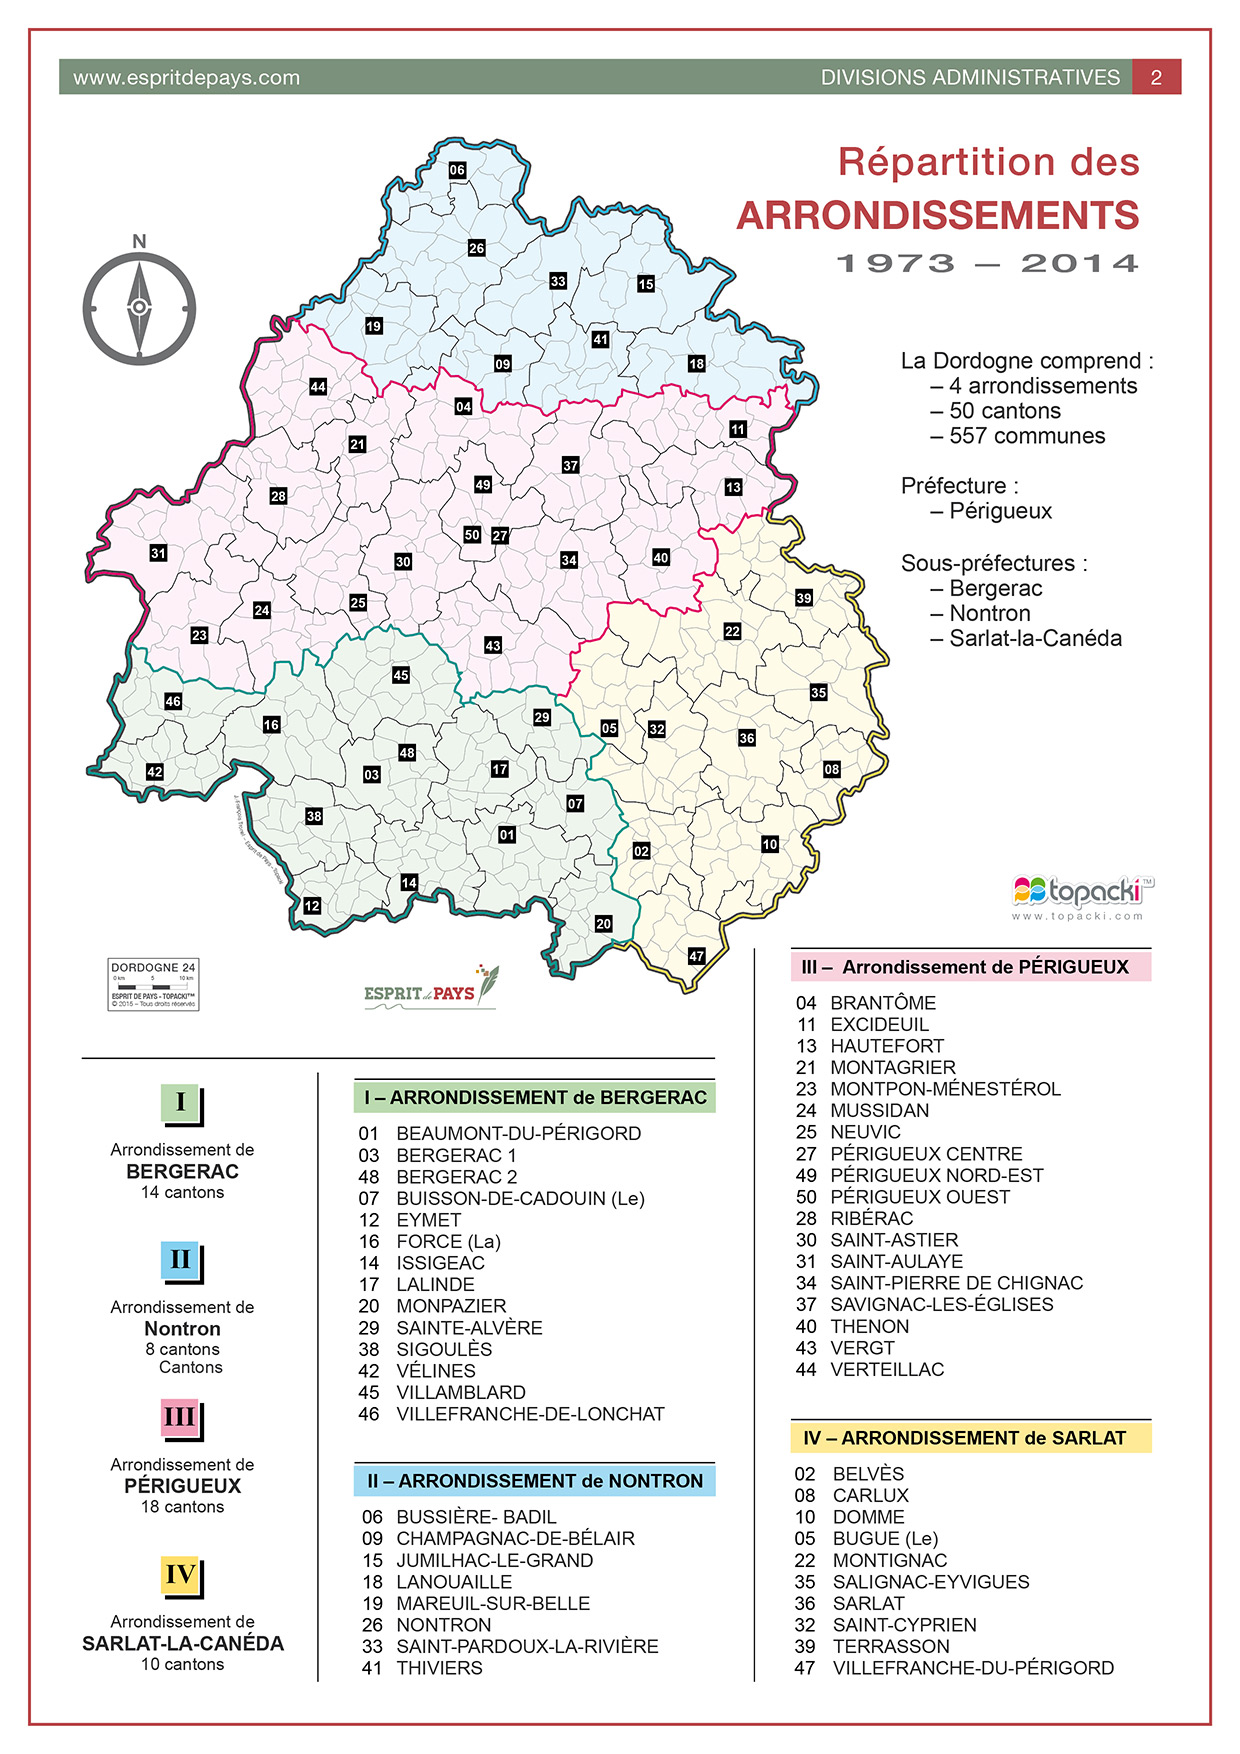 Cartographie : les arrondissements de la Dordogne